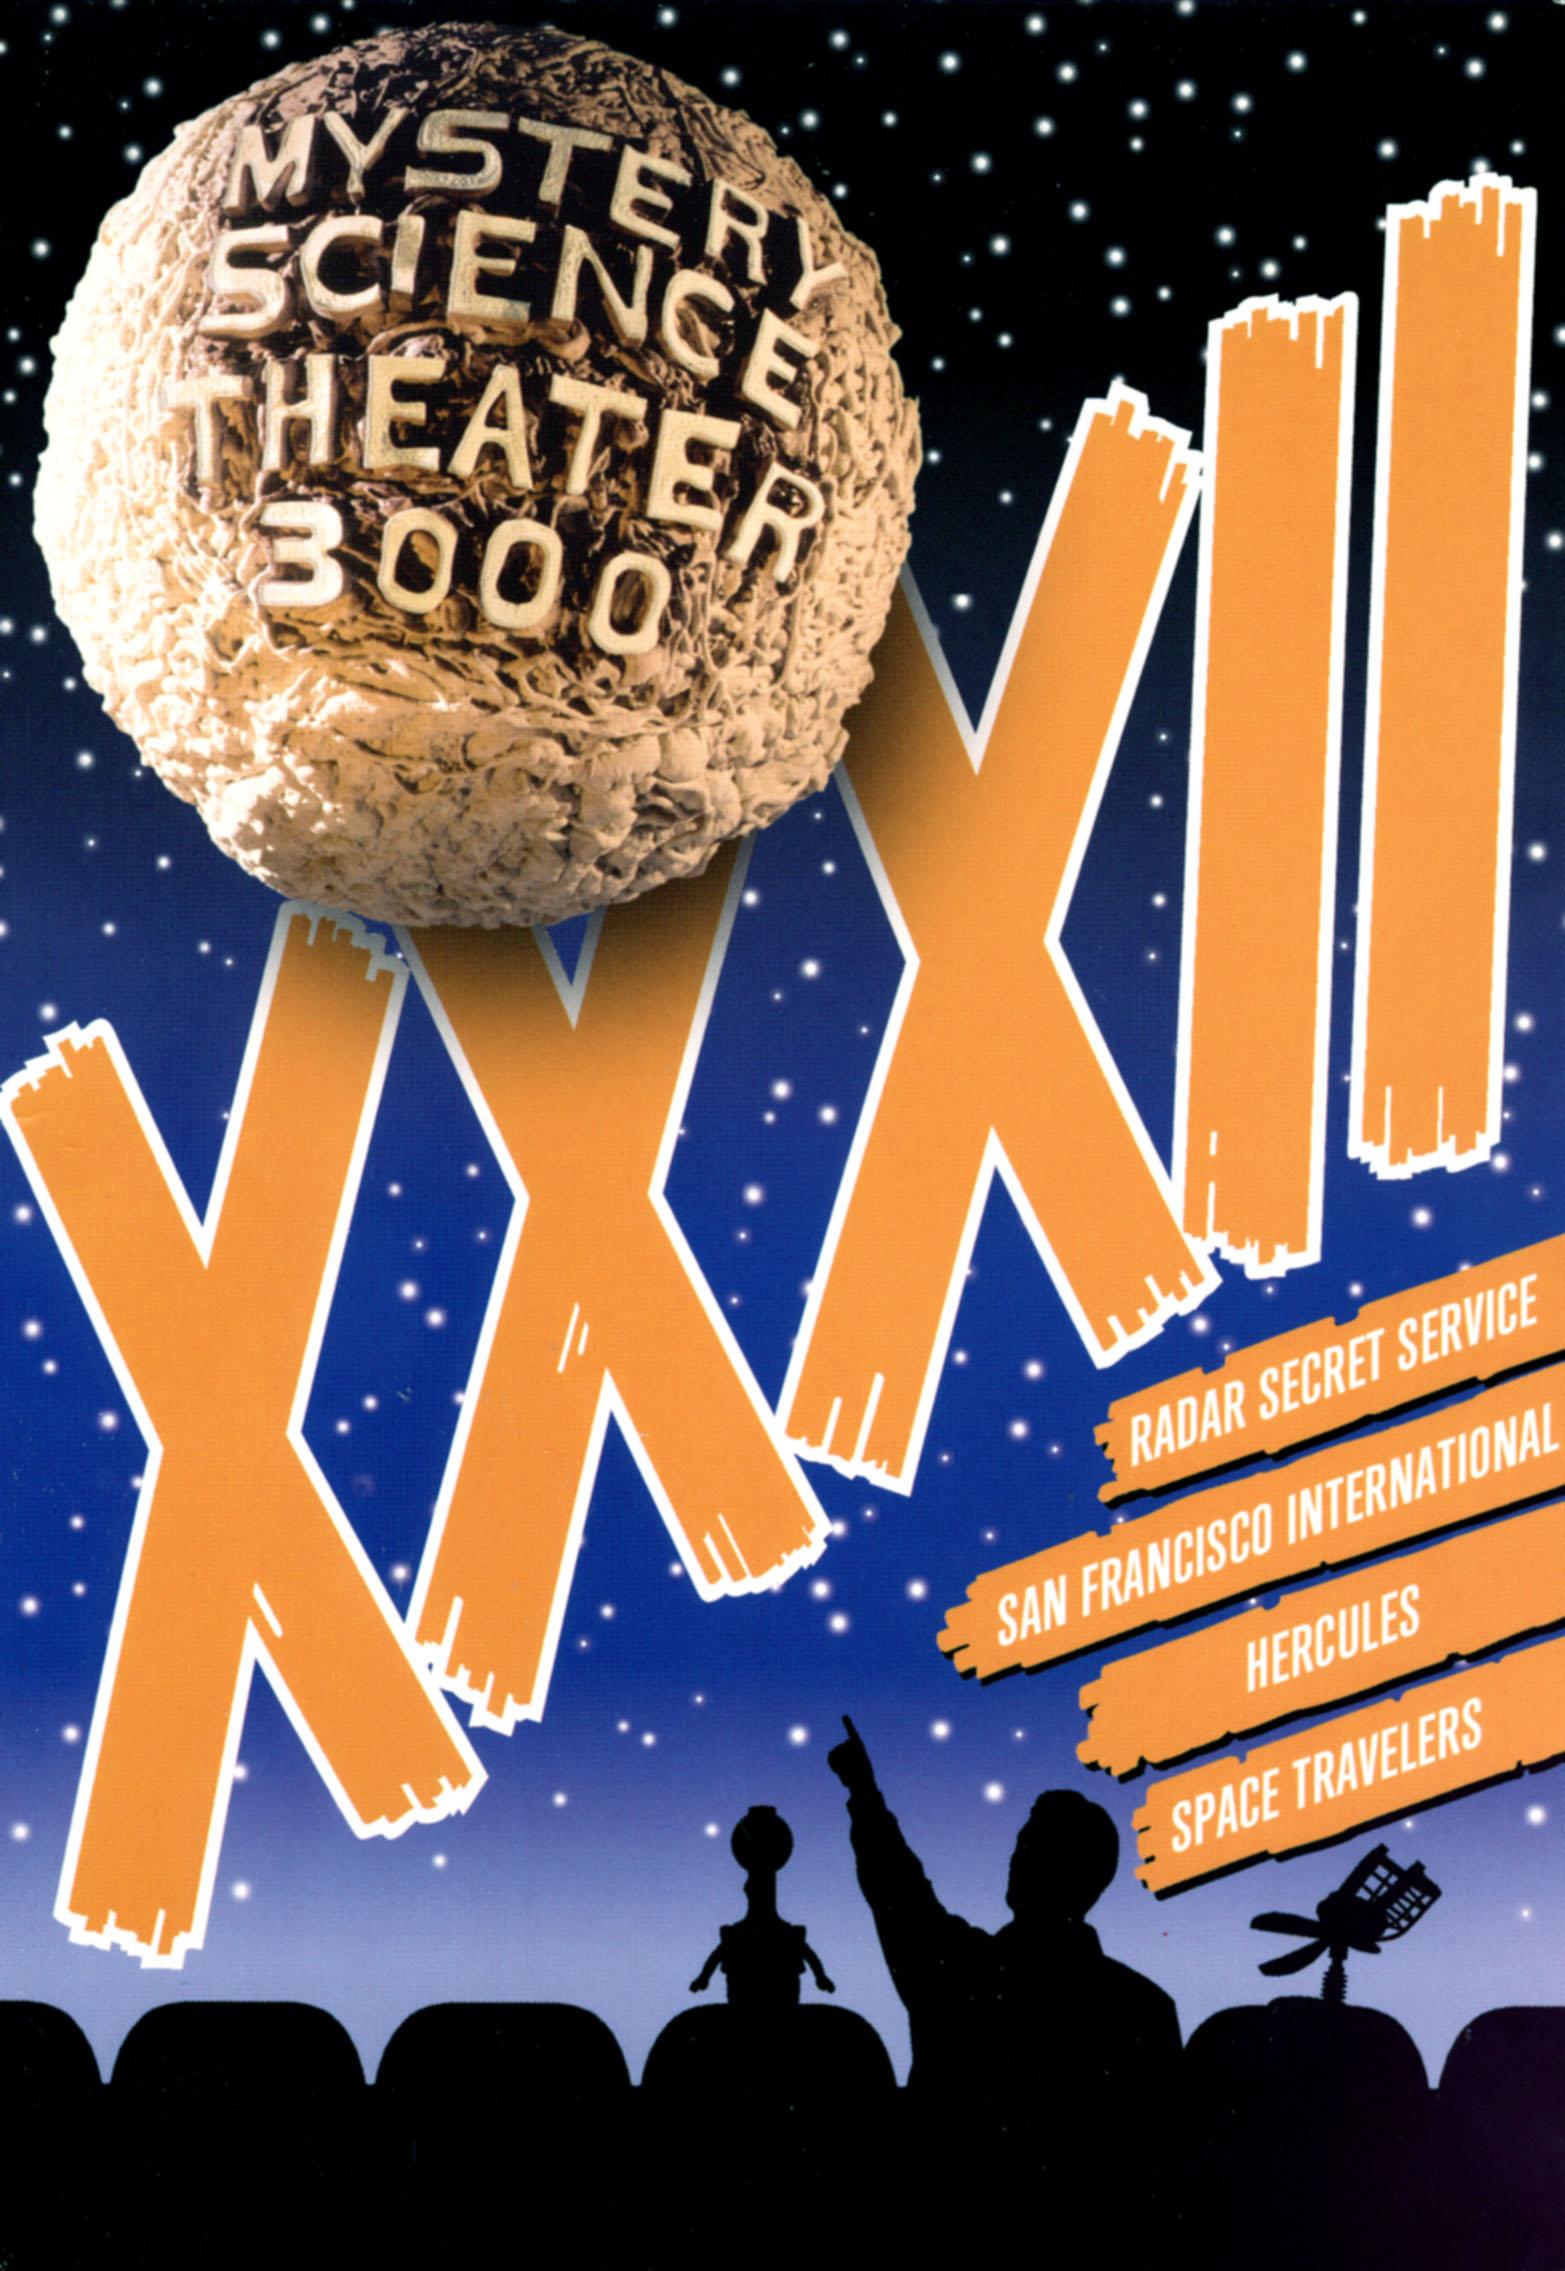 Mystery Science Theater 3000: Xxxii [4 Discs] [blu-ray] (dvd) 26329619